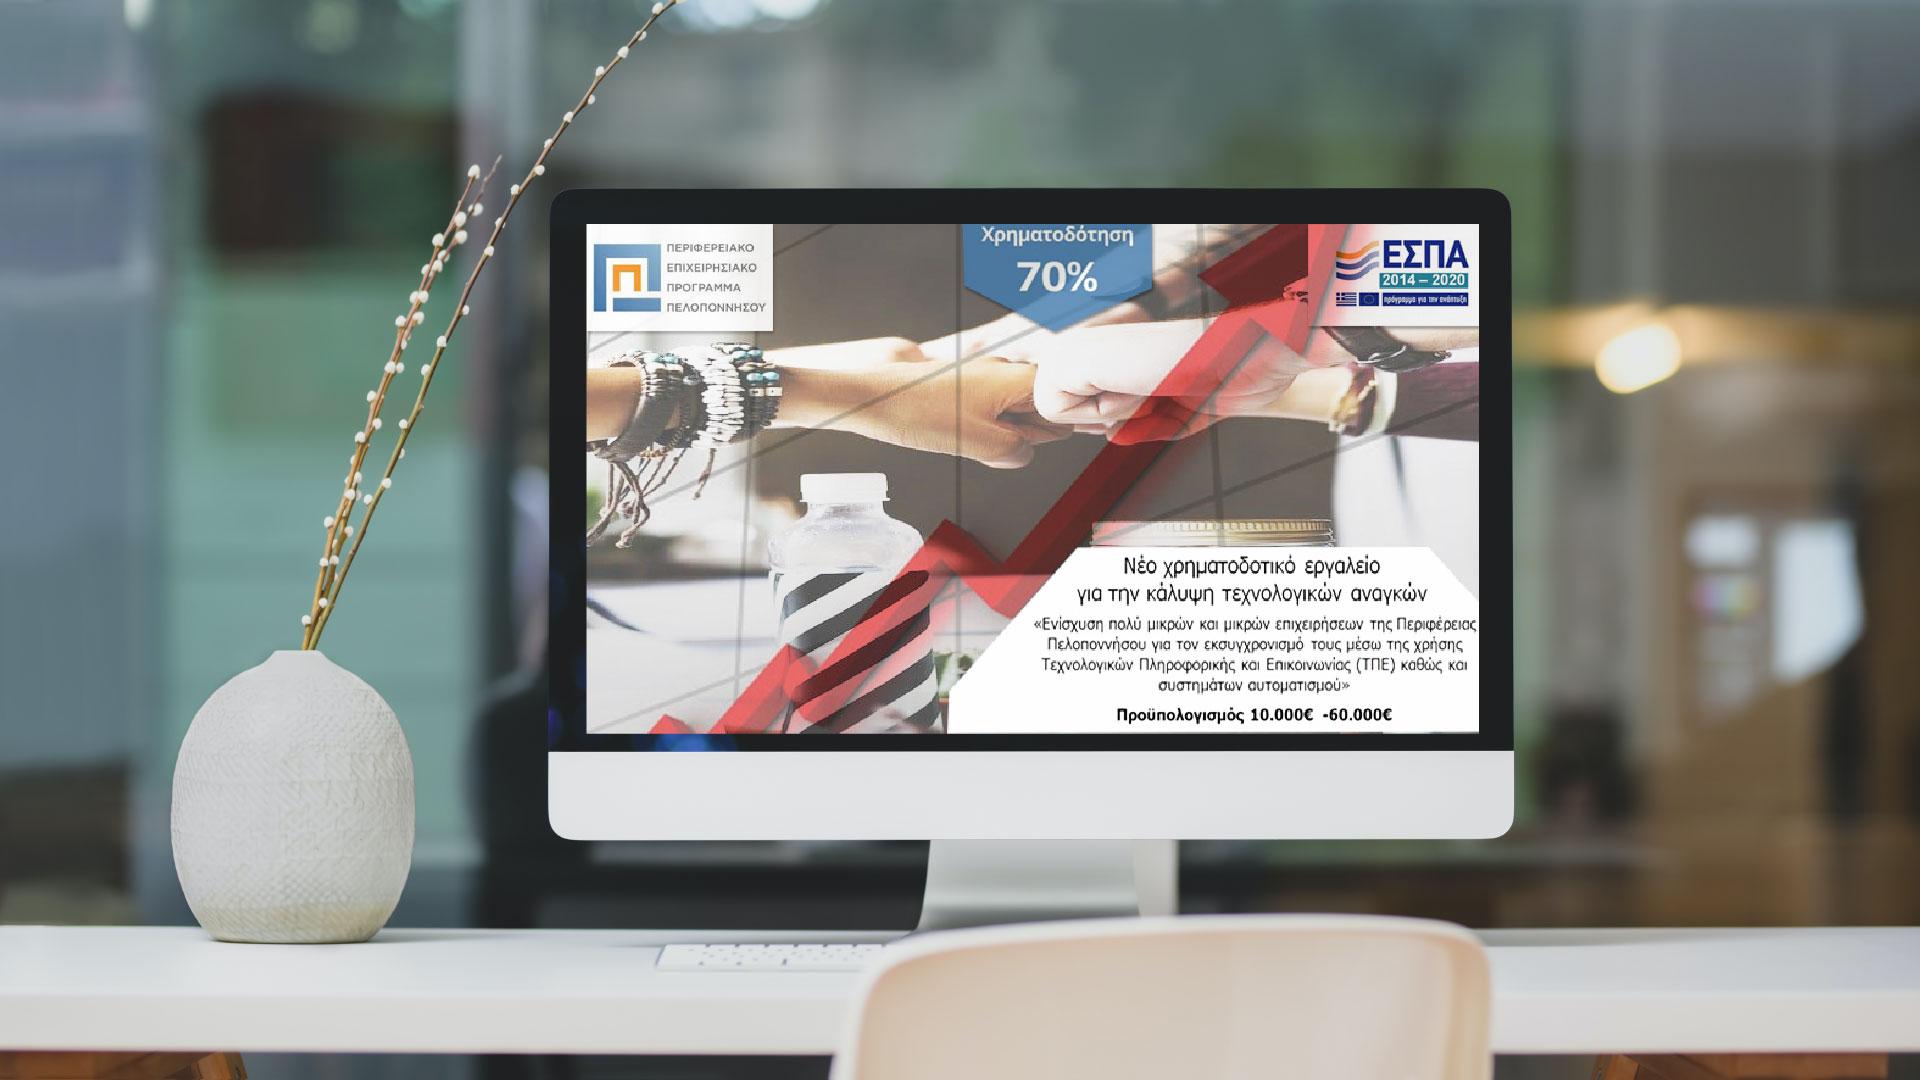 Ενίσχυση επιχειρήσεων Περιφέρειας Πελοποννήσου: εκσυγχρονισμός μέσω της χρήσης ΤΠΕ